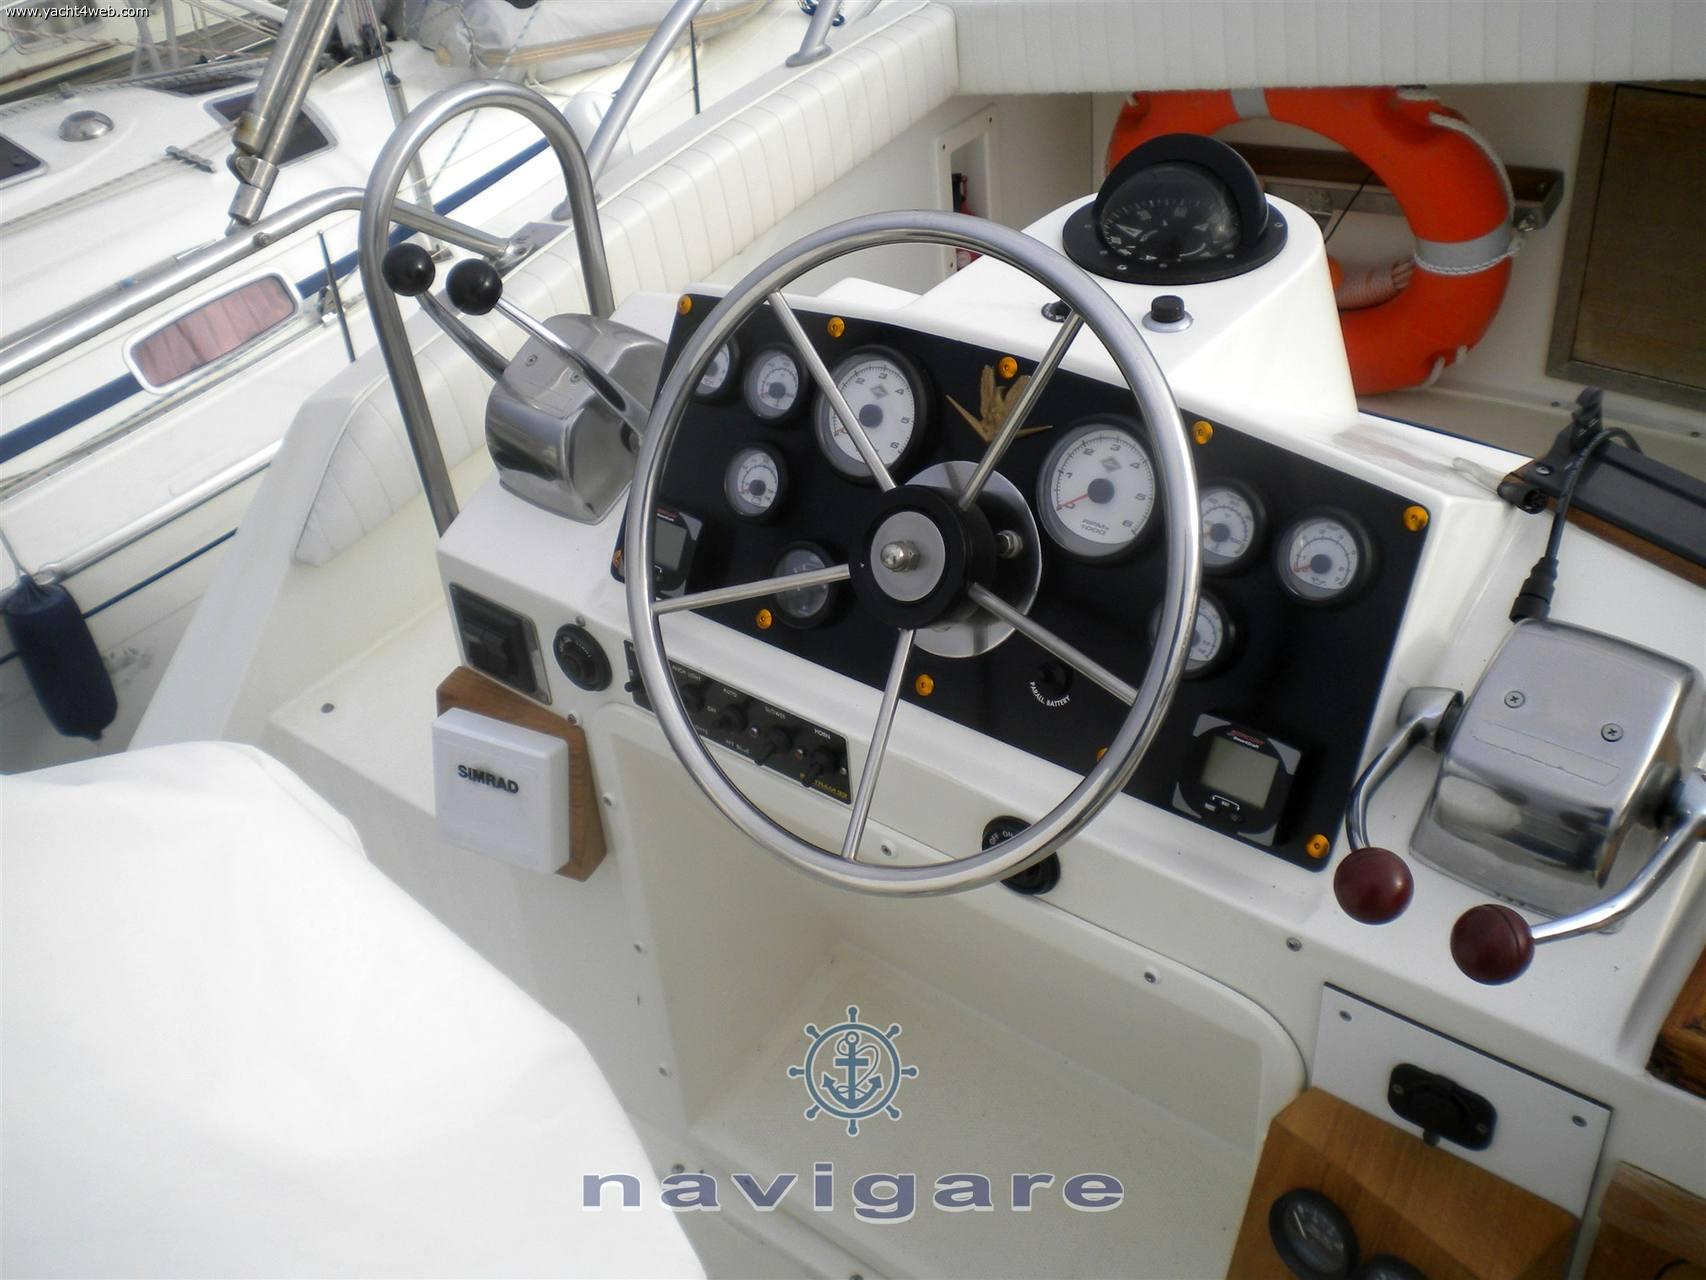 Bertram Yacht 33 fbc seconda serie Yate a motor usado